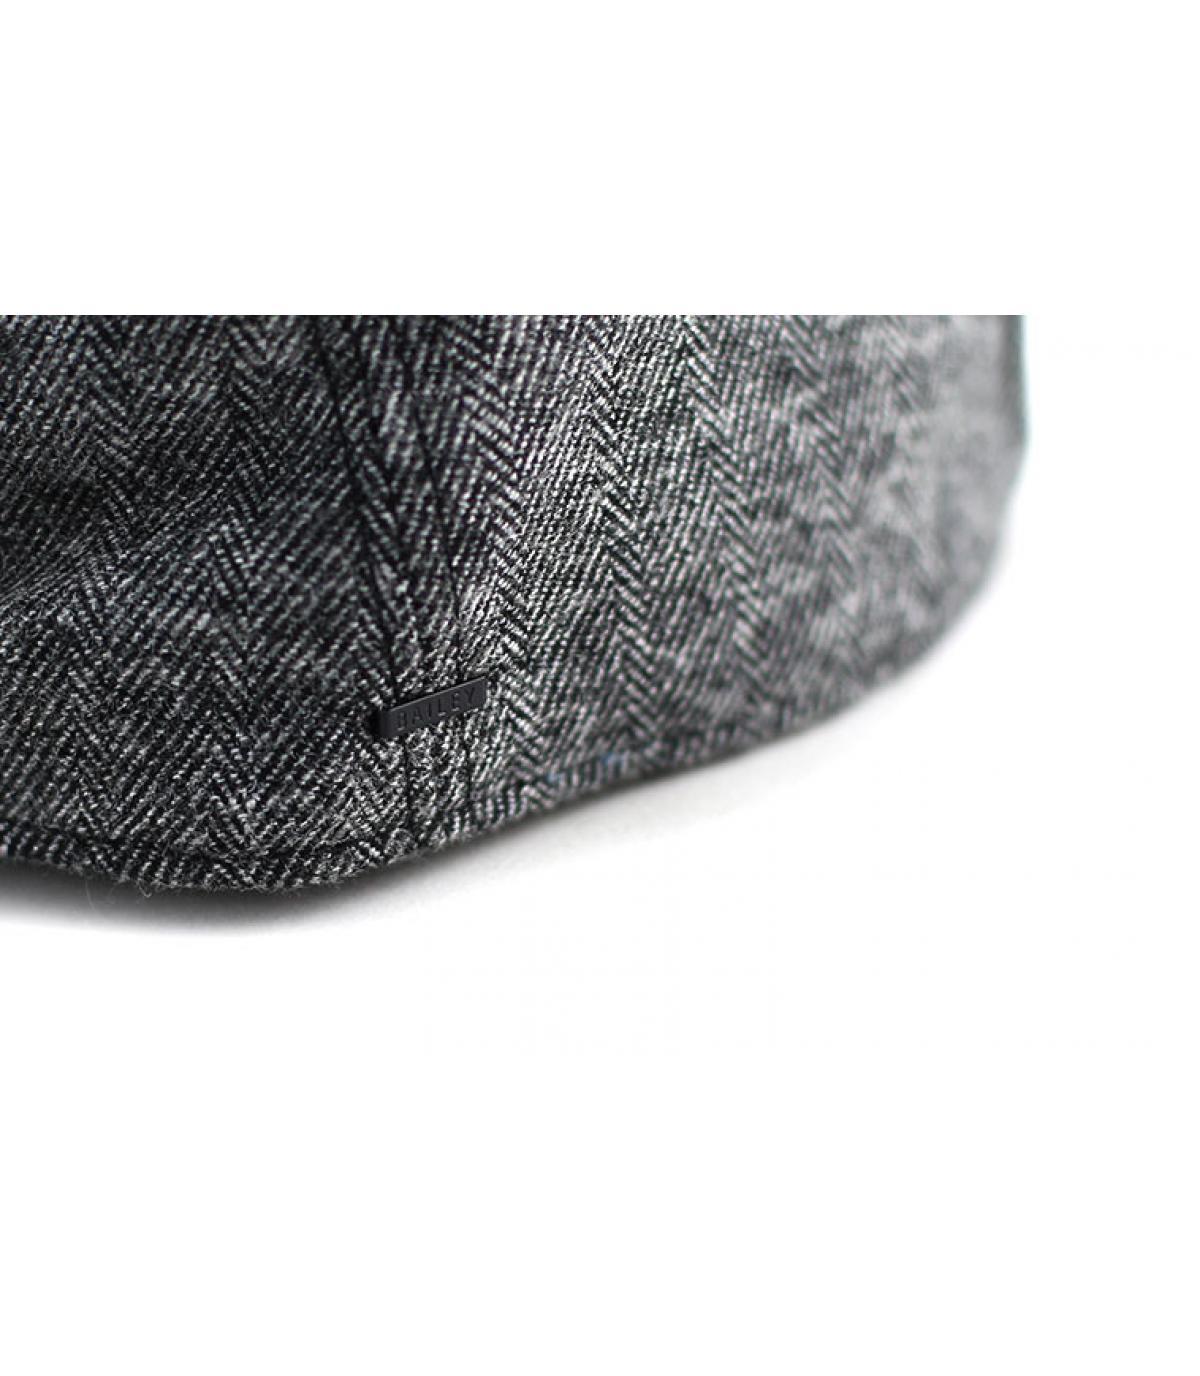 Details Waddell black - Abbildung 3